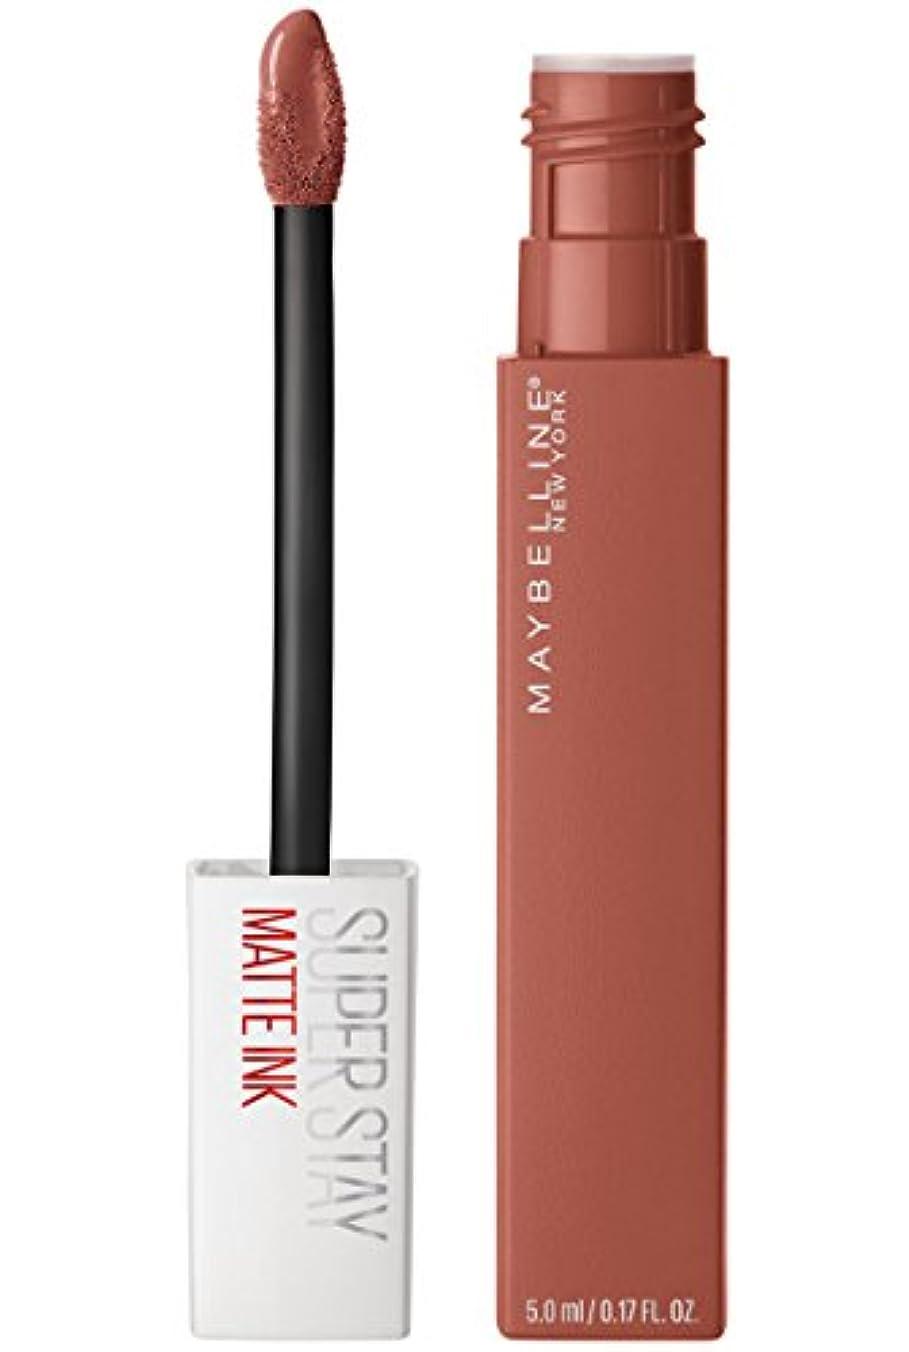 散逸ラベンダー規制するMaybelline New York Super Stay Matte Ink Liquid Lipstick,70 Amazonian, 5ml